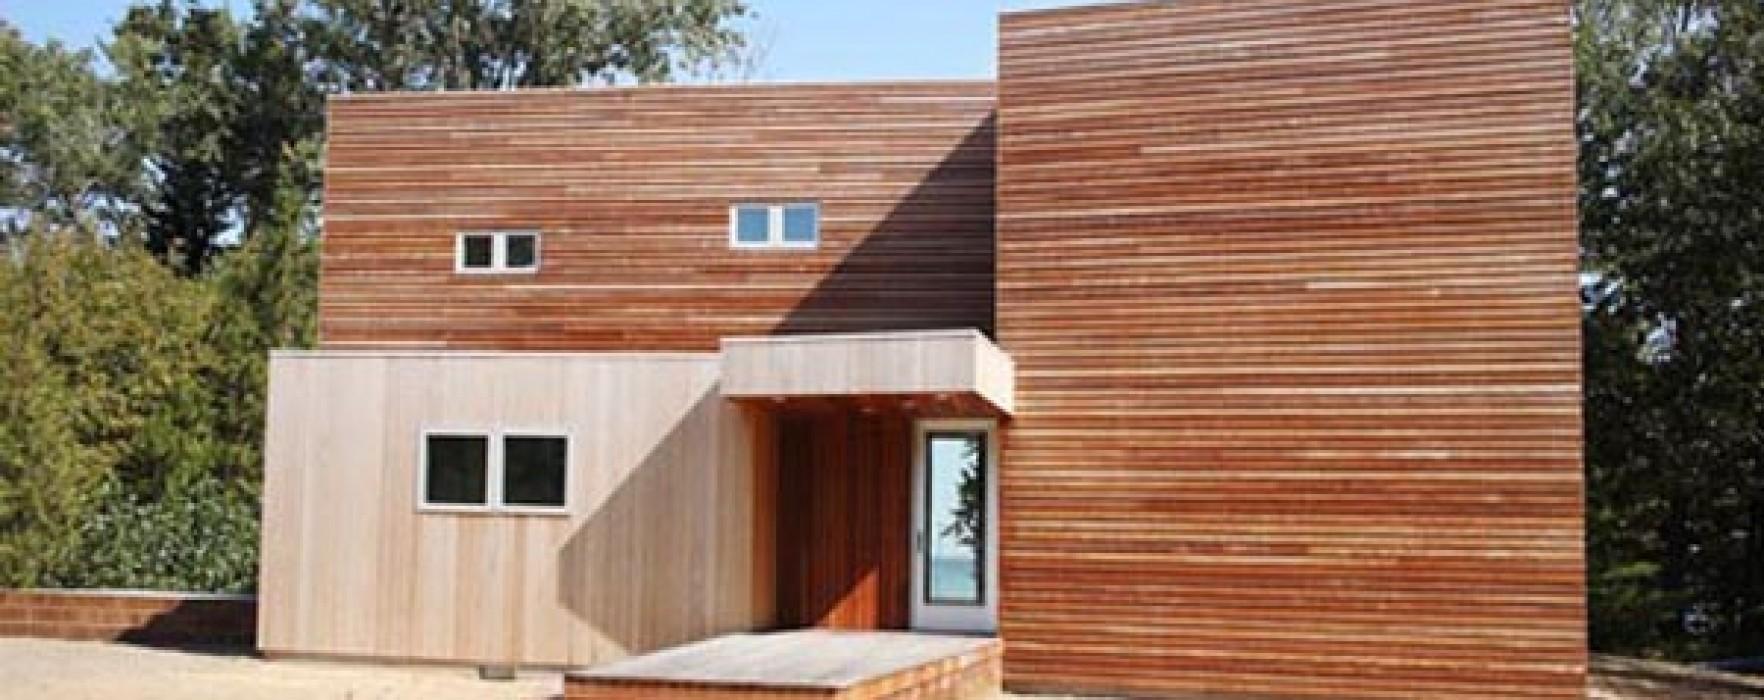 Il prezzo di una moderna abitazione in bioedilizia for Abitazione moderna